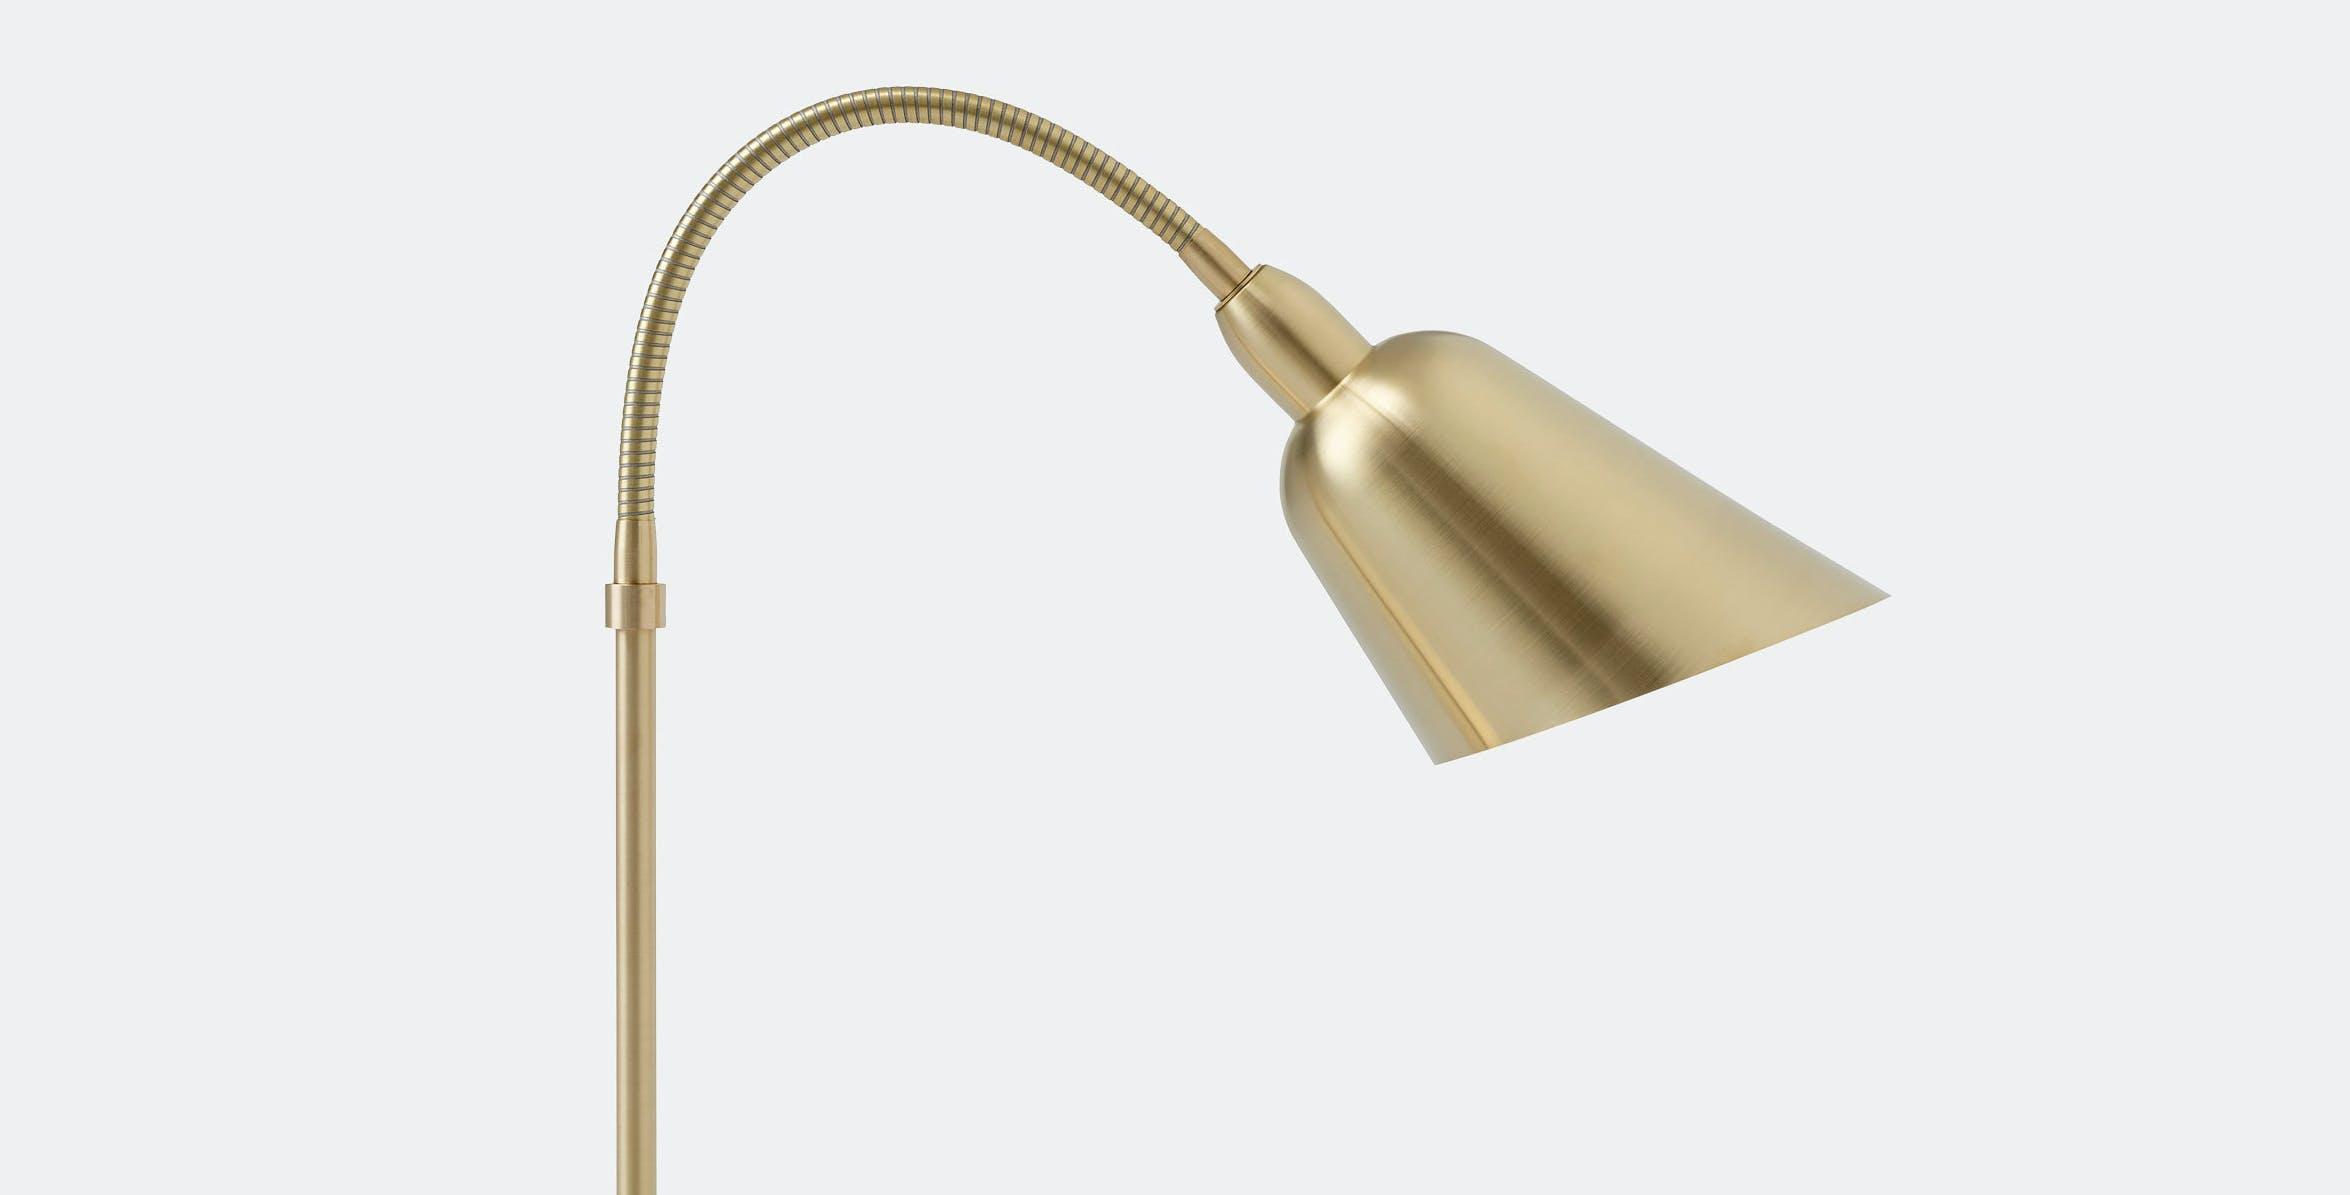 Designer Arne Jacobsen